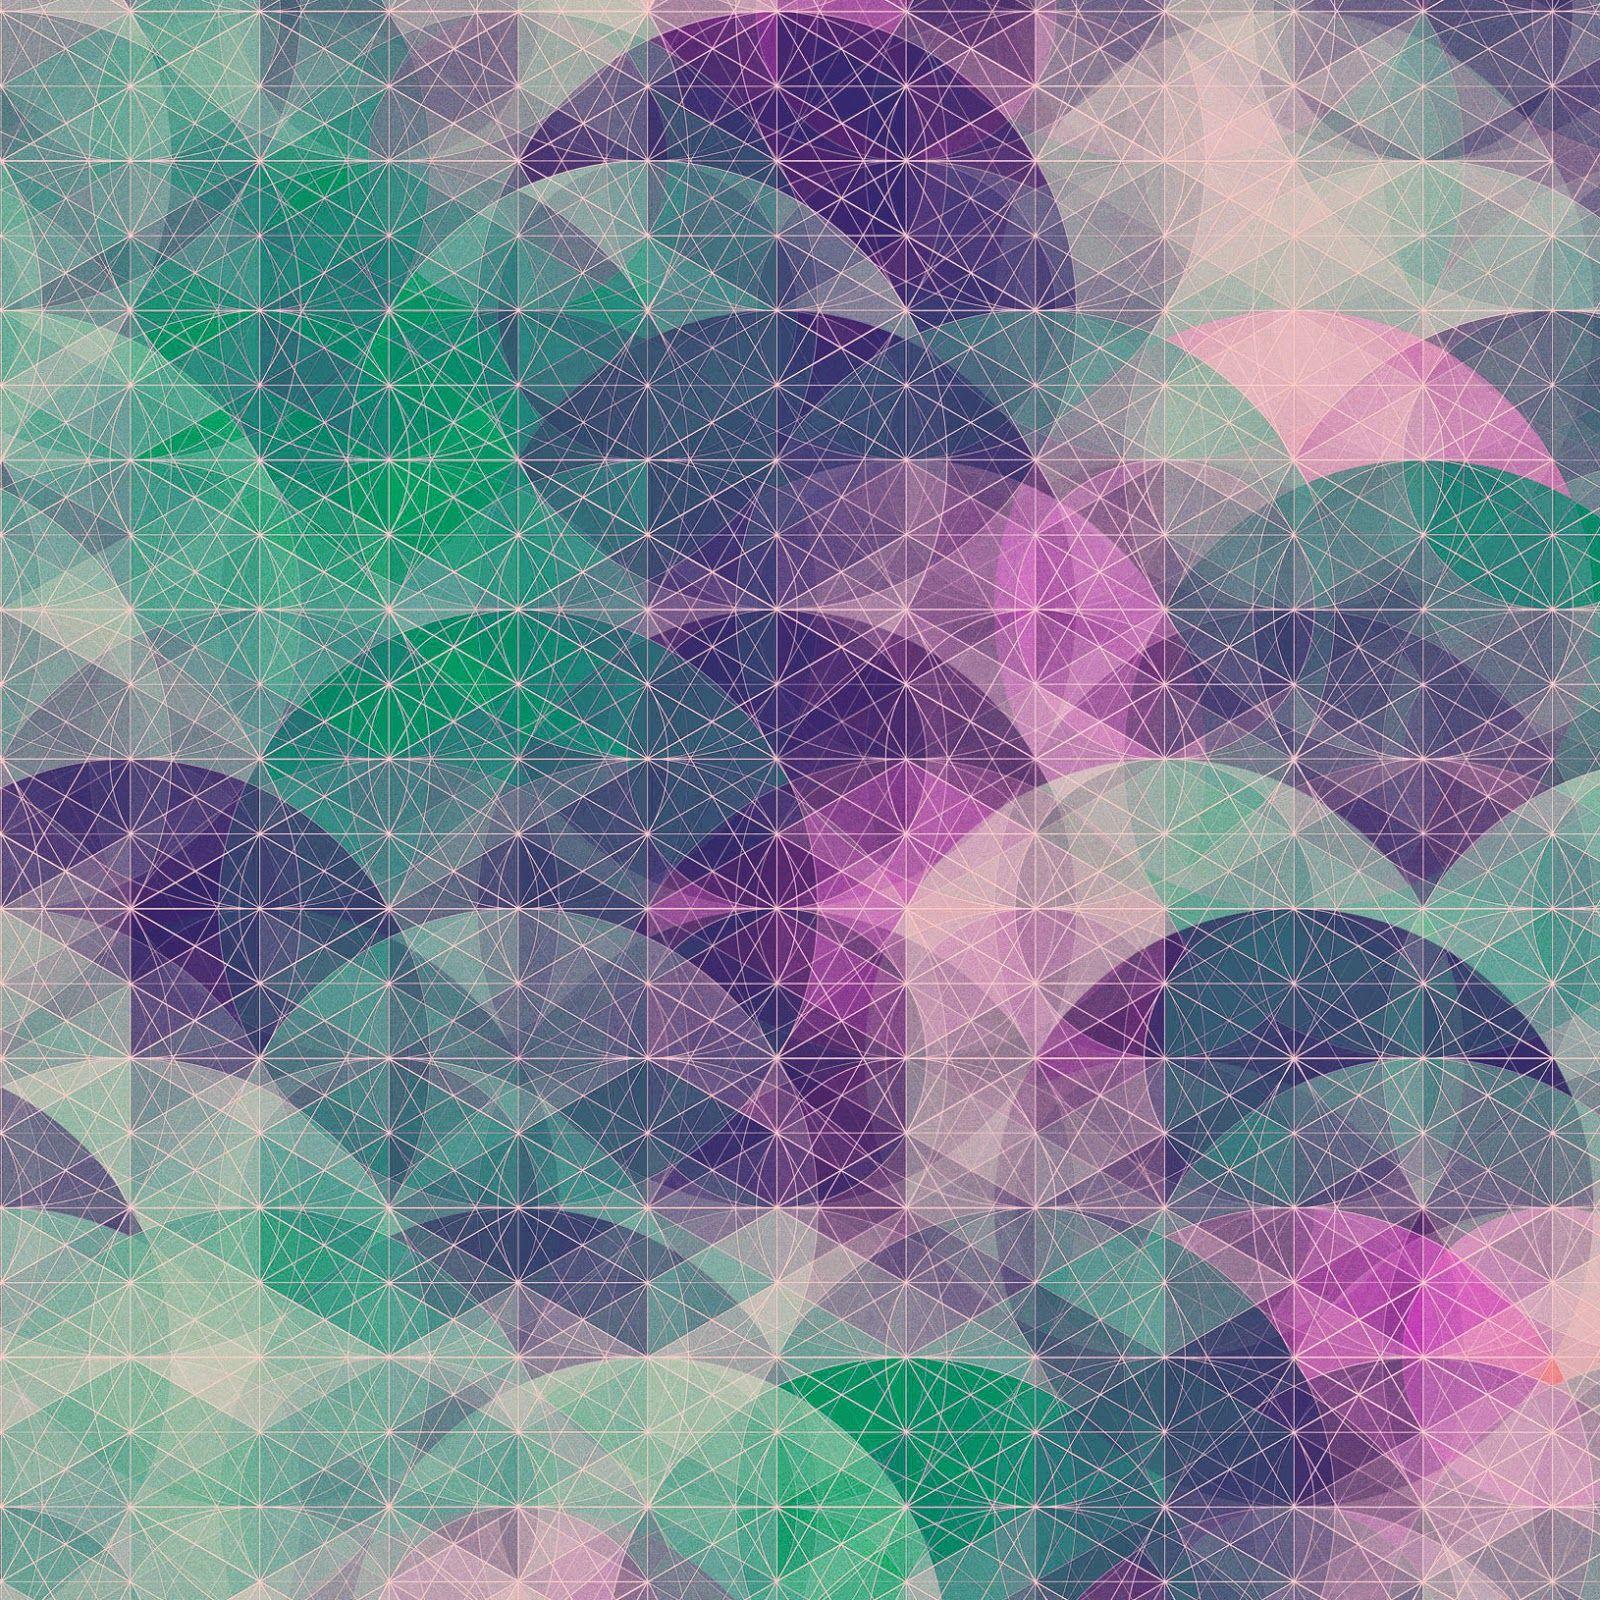 FREEBIE WEEK: Geometric Spheres!